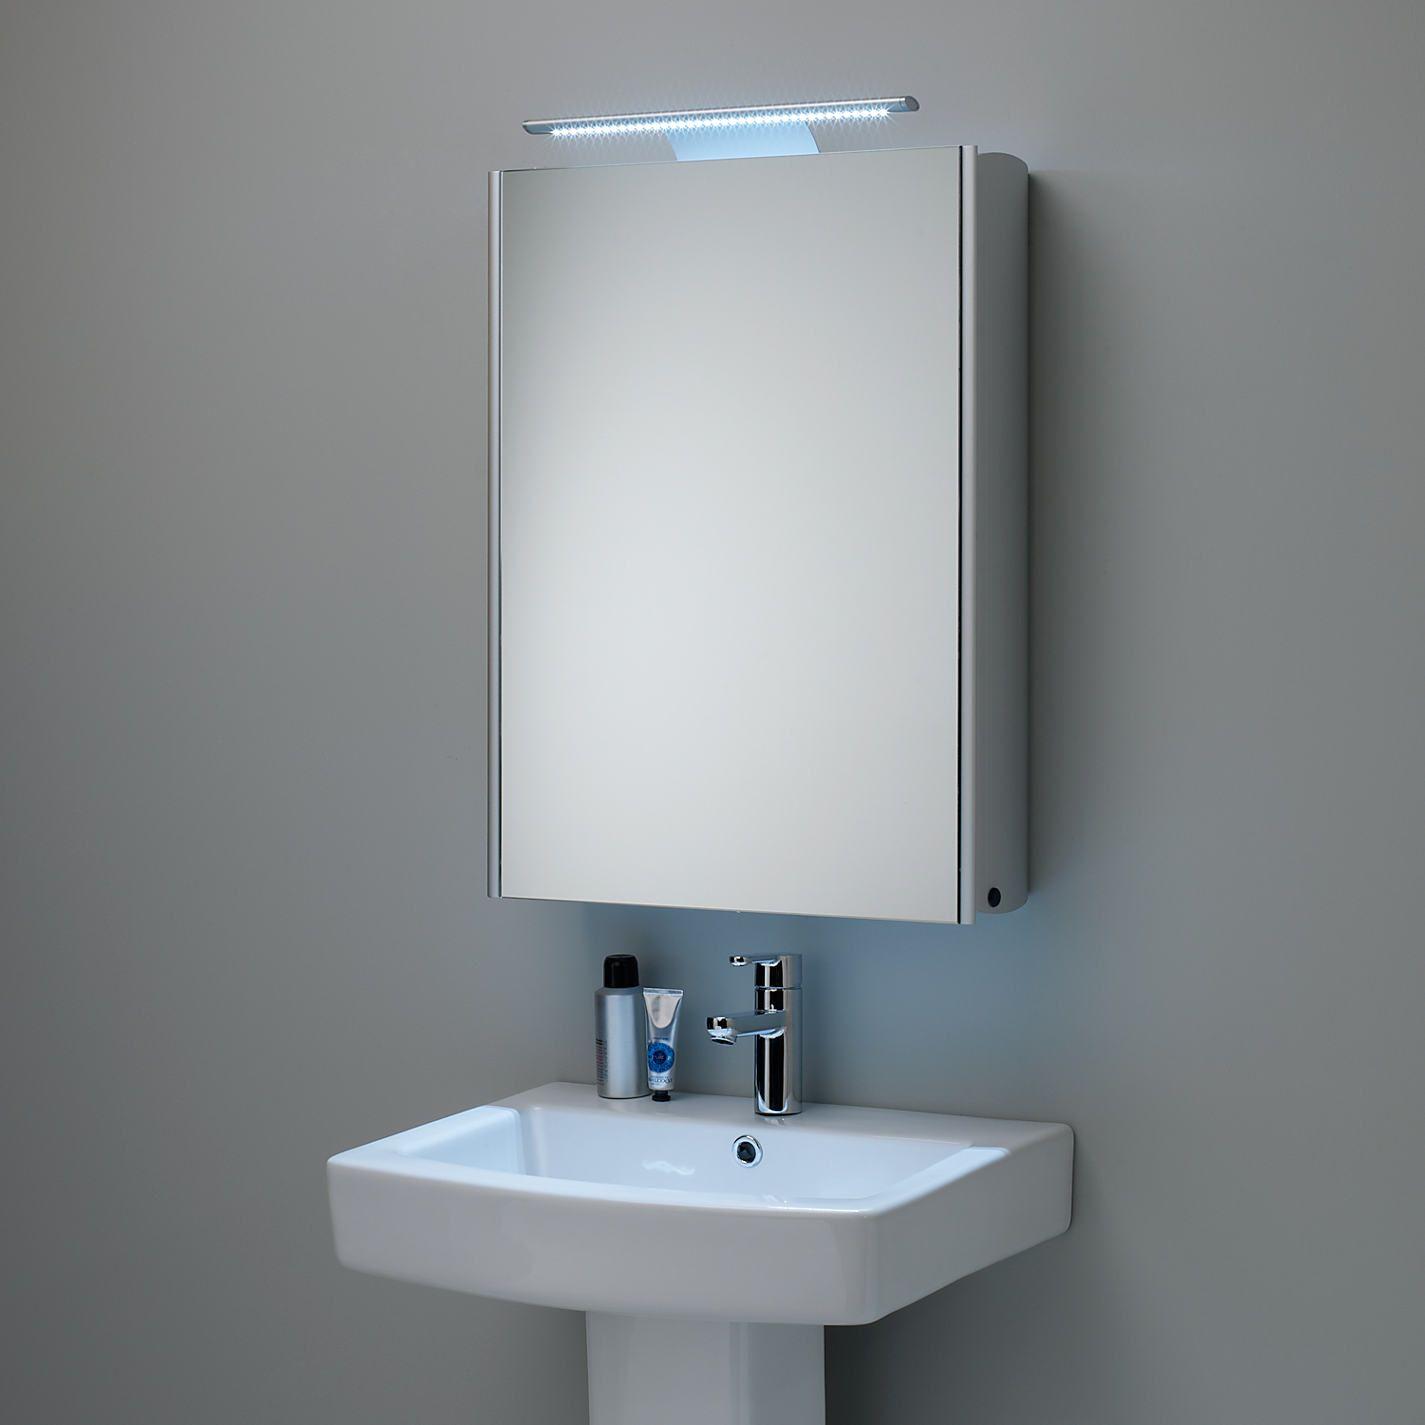 Bathroom Mirror Ideas Bathroom Mirror Cabinet Mirror Cabinets Bathroom Mirror With Shelf